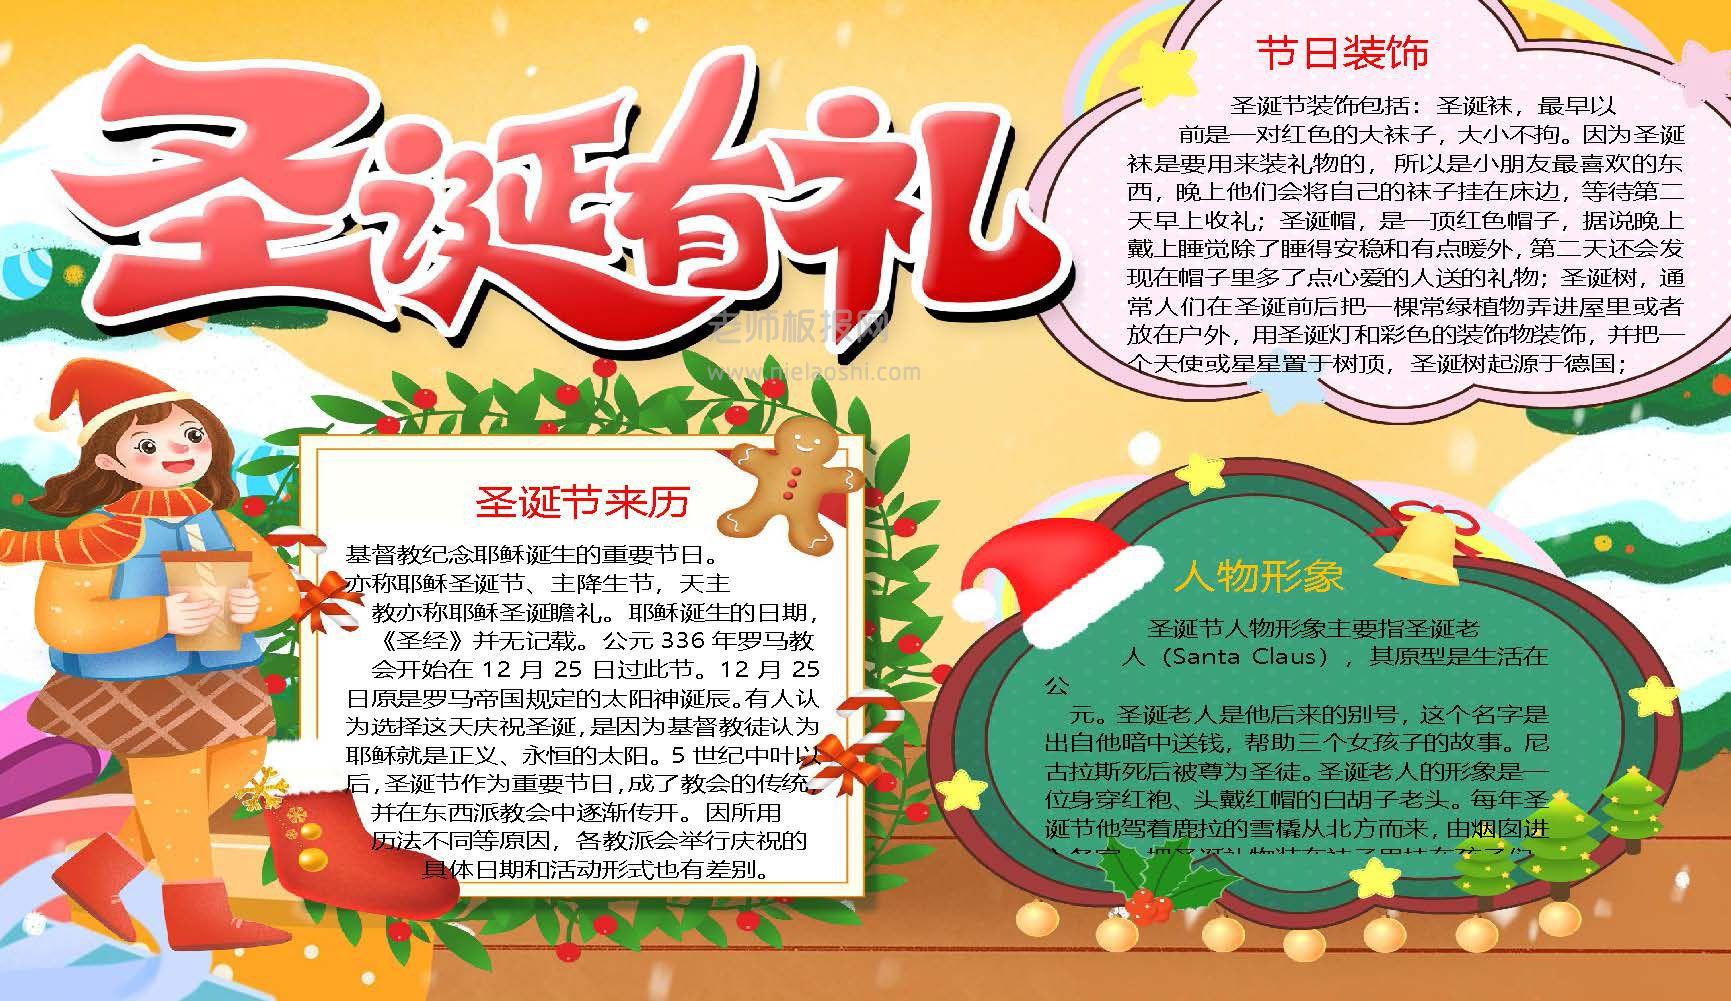 圣诞节小报圣诞有礼手抄报word电子模板